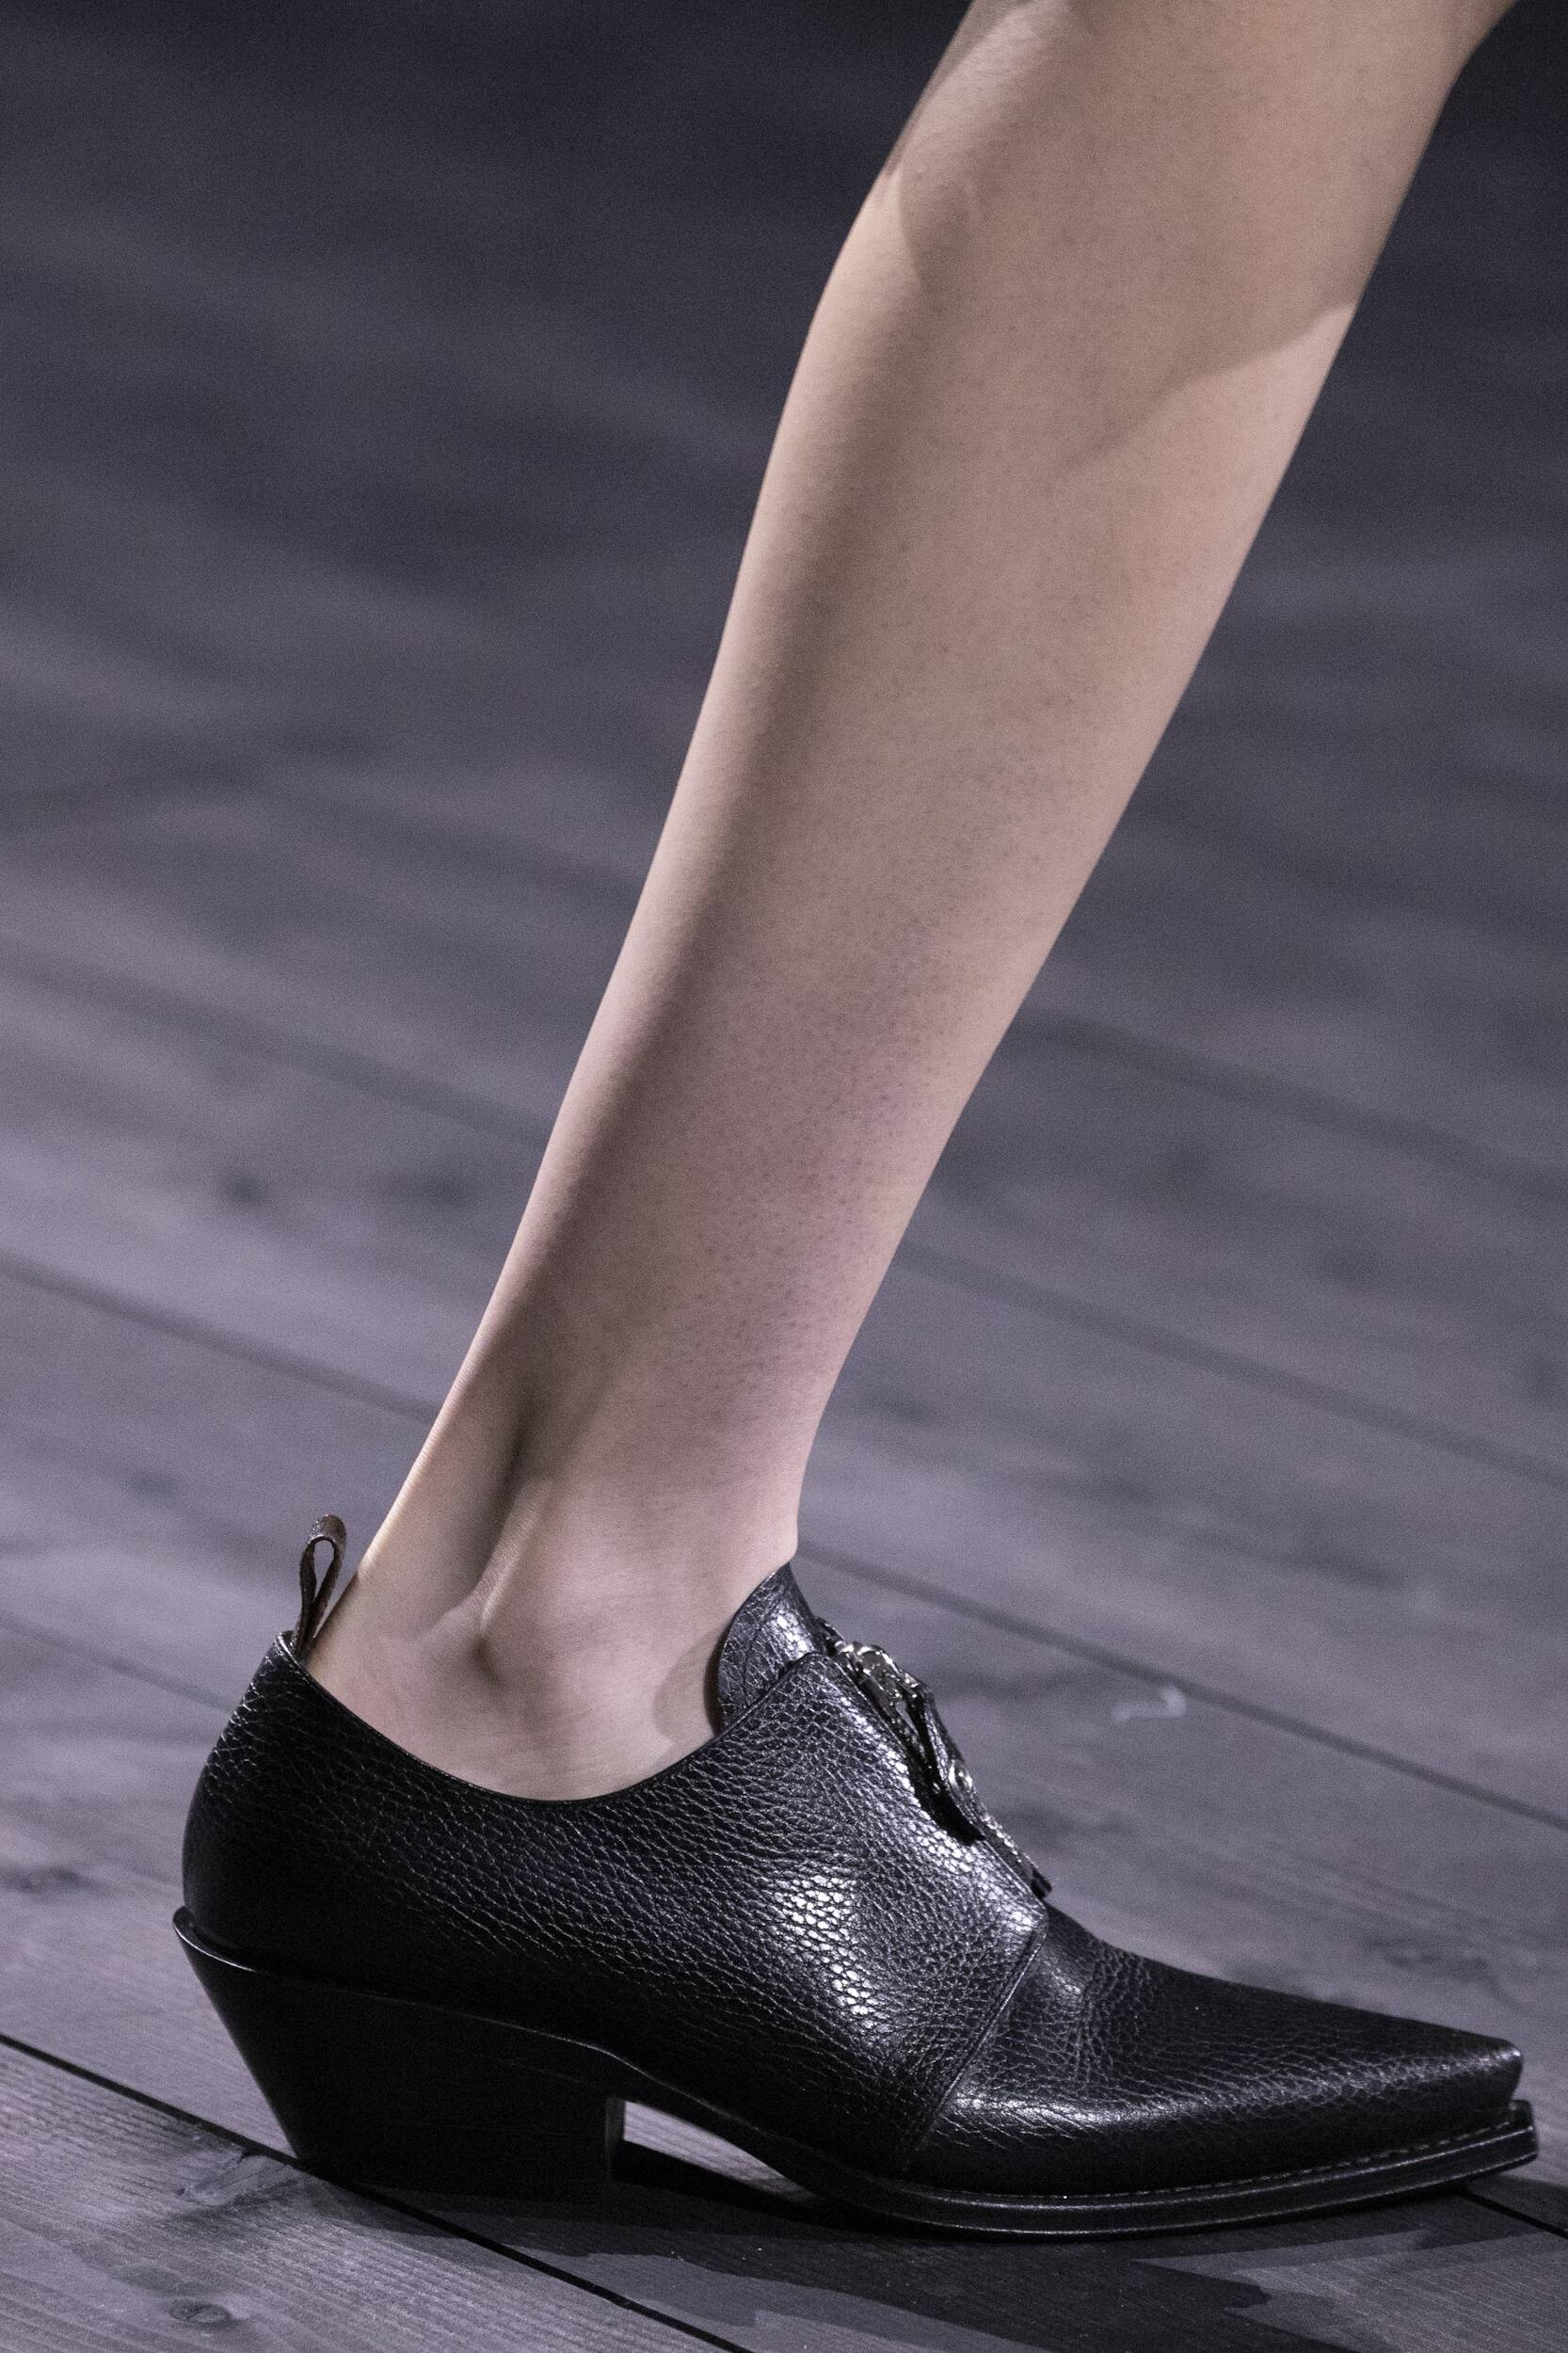 Louis Vuitton Shoes Trends 2020